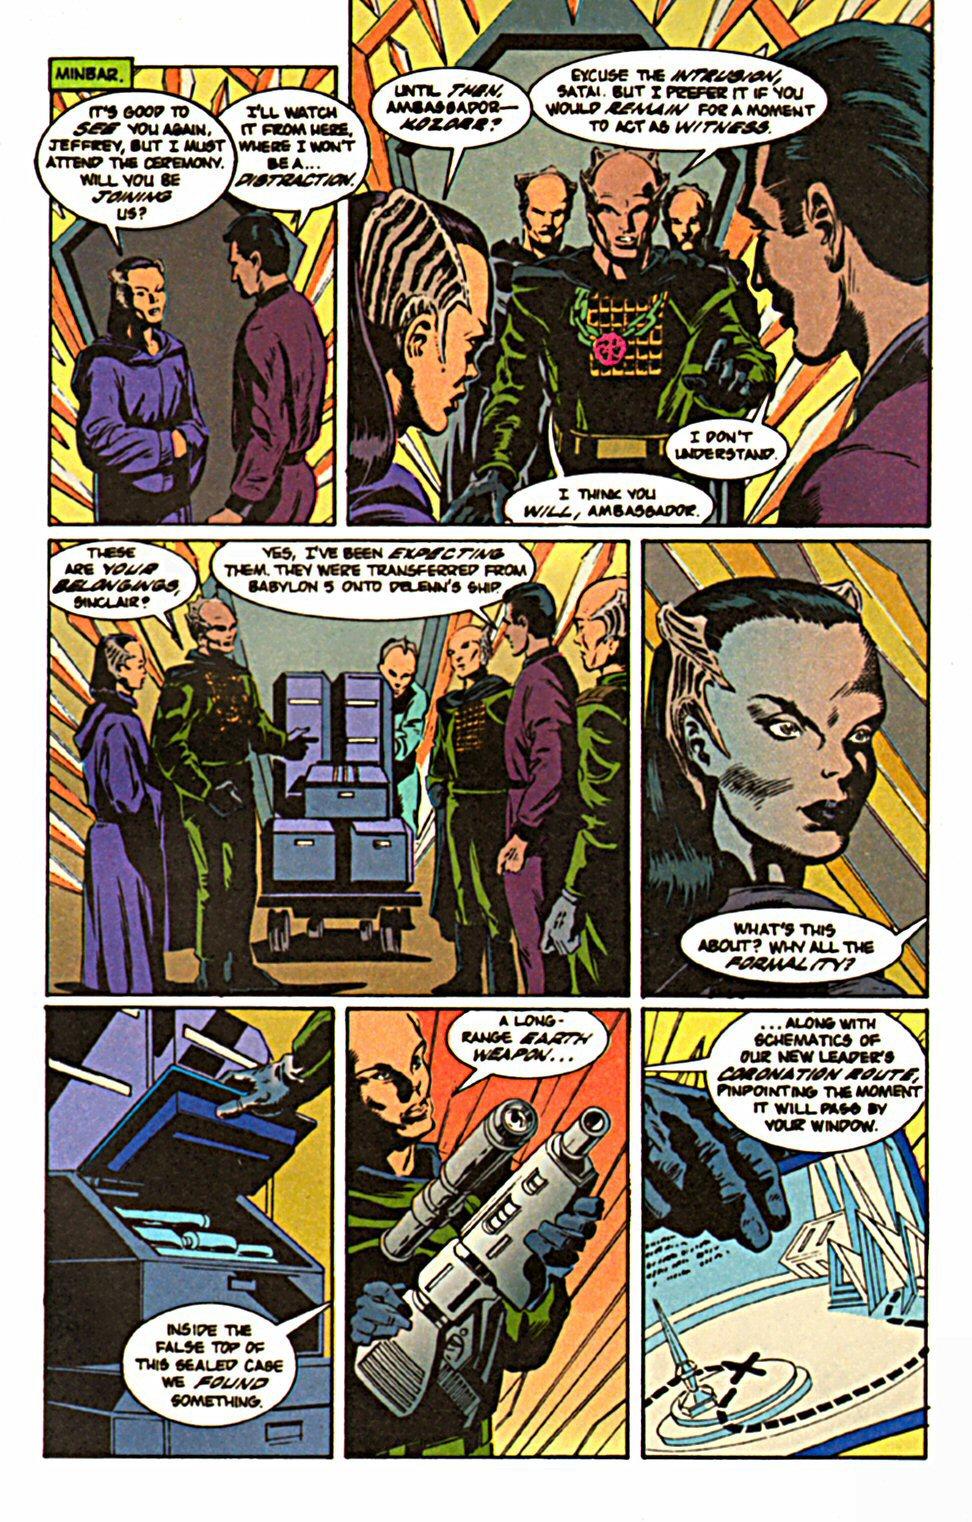 Comic Babylon 5 (1995) issue 2 on robotech schematics, star trek space station schematics, deep space 9 schematics, andromeda ships schematics, stargate schematics,